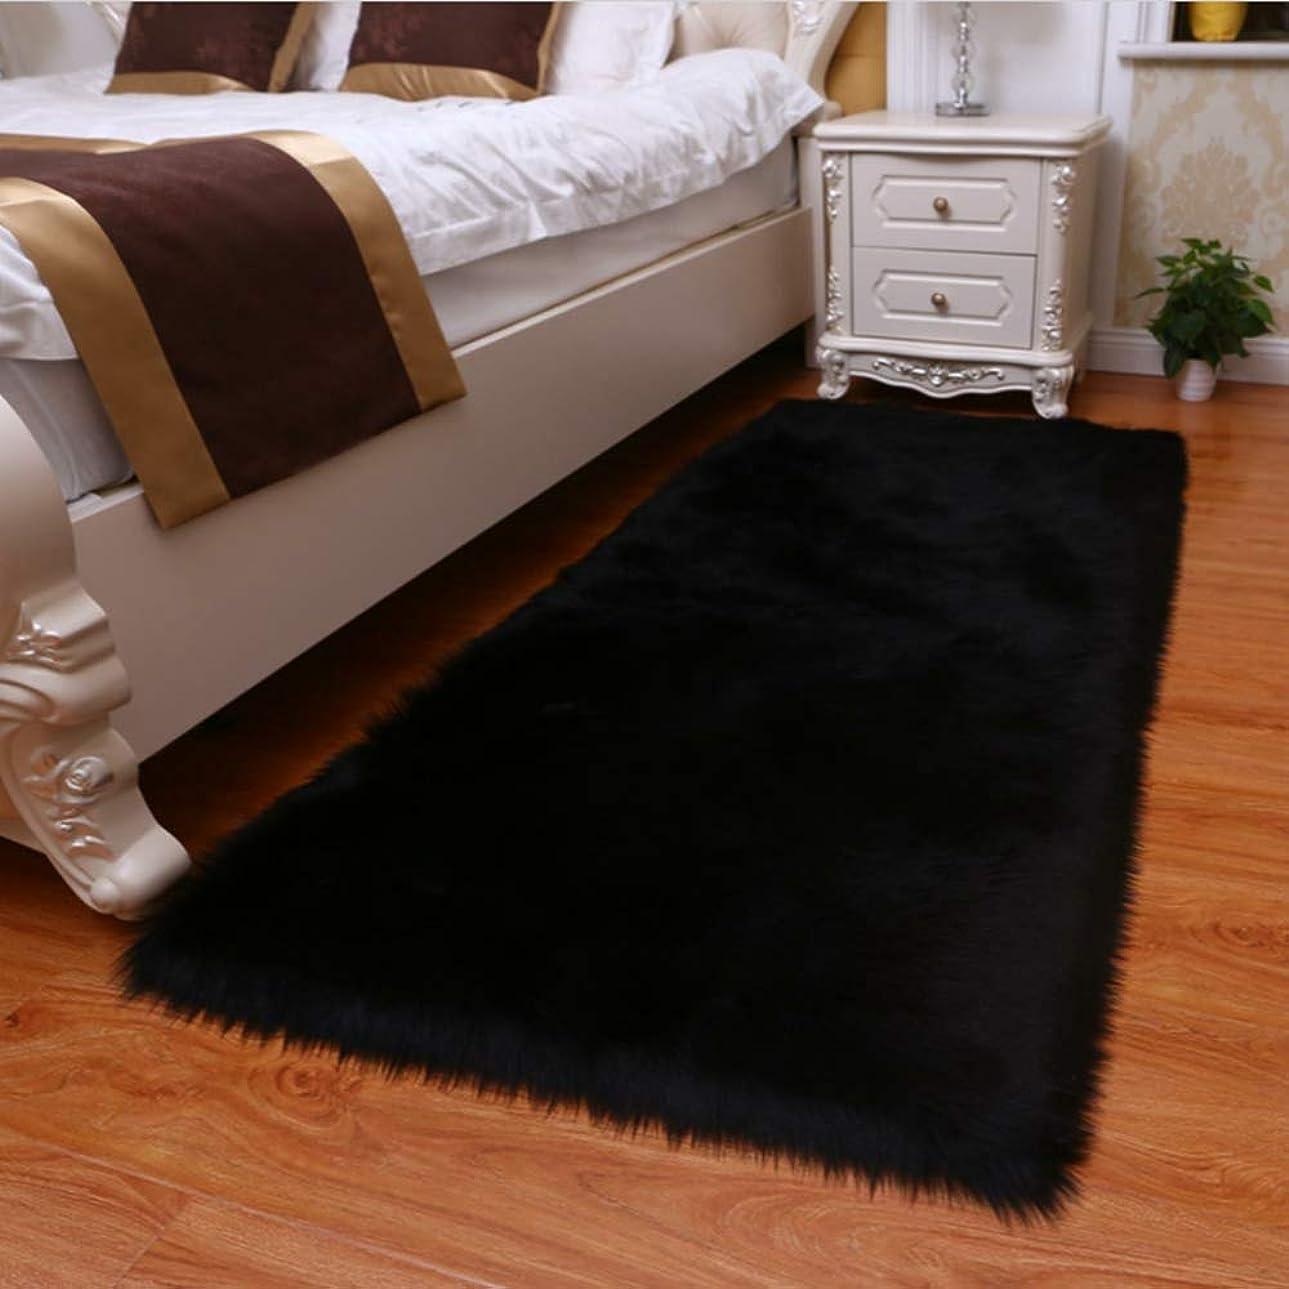 見落とす差し控えるウォルターカニンガムカーペット ラグ マット 絨毯 じゅうたん 100cm*180cm リビング 多サイズ ホワイト インテリア グレー 18色 ベッドルーム ブラック 防音 防ダニ 多カラー 北欧 寝室 carpet 40*60 ルームマット 子供部屋 シンプル ナチュラル